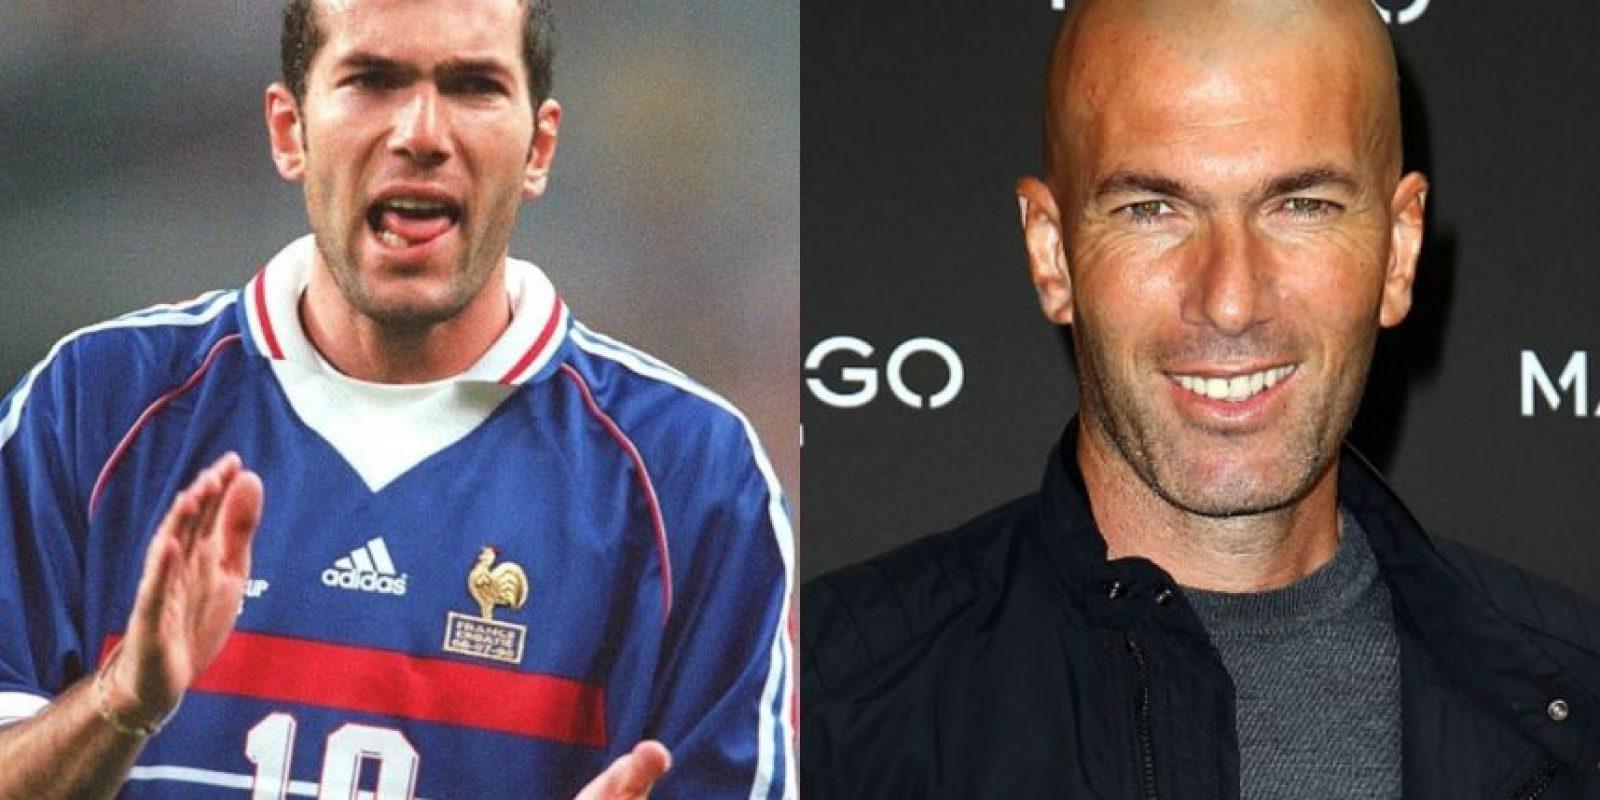 """Zinedine Zidane: Este talentoso francés de 48 años, fue Campeón del Mundo en 1998 y uno de los """"Galácticos"""" del Real Madrid. Se retiró en 2006. Foto:Getty Images"""